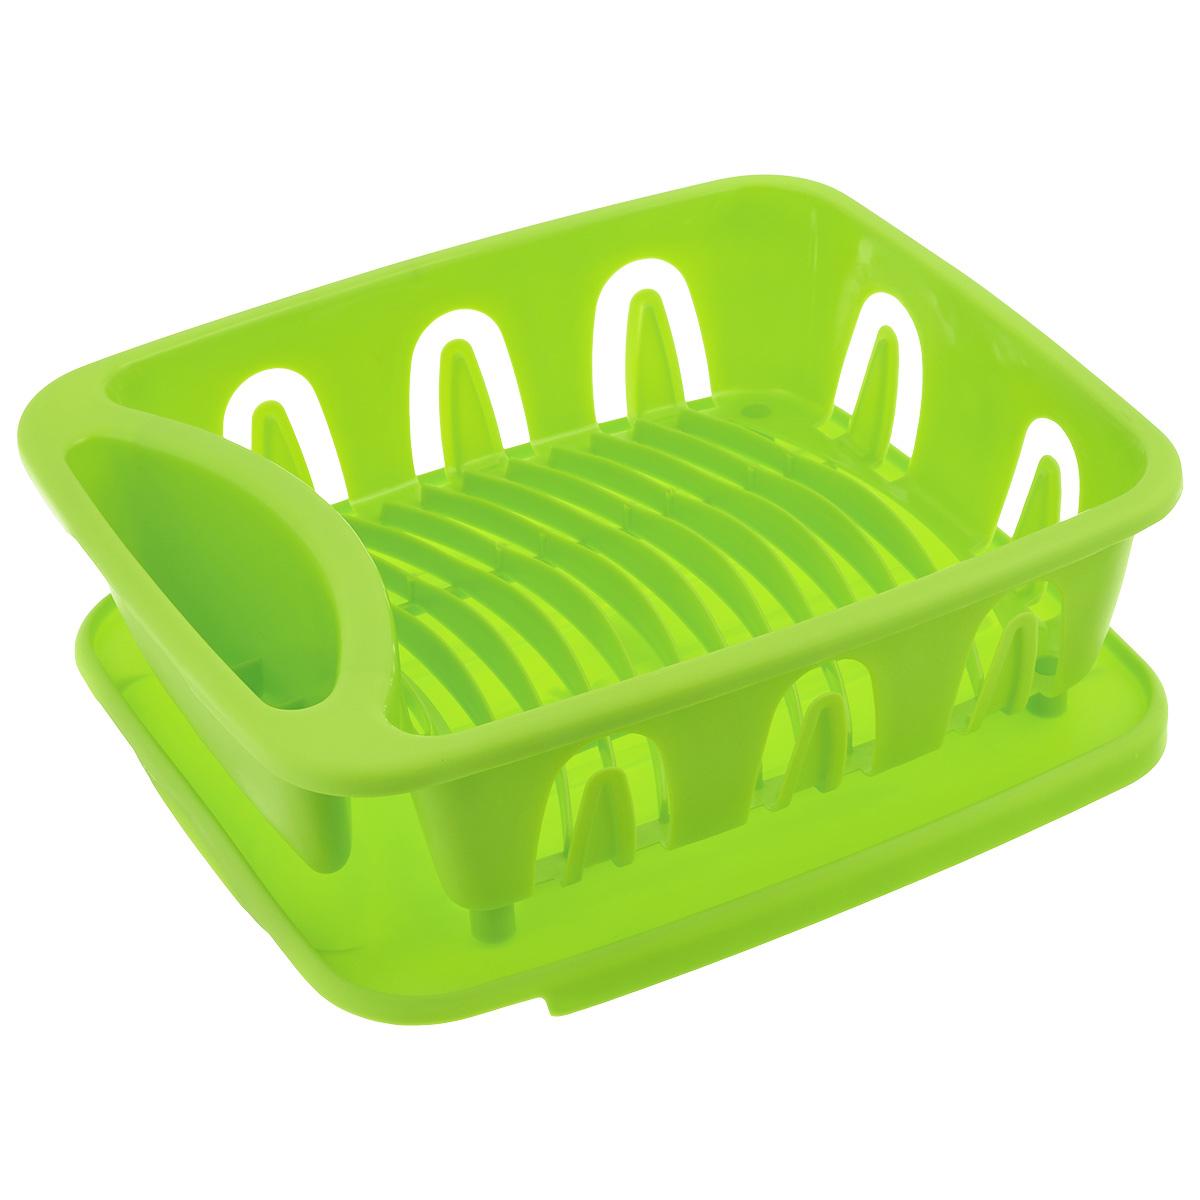 Сушилка для посуды Dommix, цвет: салатовый, 35,5 х 31 х 13 см154ED_салатовыйСушилка для посуды Dommix, выполненная из высококачественного пластика, представляет собой подставку с ячейками, в которые помещается посуда, и отделением для столовых приборов. Сушилка оснащена пластиковым поддоном для стекания в него воды. Ваши тарелки высохнут быстро, если после мойки вы поместите их в легкую, яркую, современную пластиковую сушилку. Сушилка для посуды Dommix станет незаменимым атрибутом на вашей кухне. Размер сушилки: 35,5 см х 31 см х 13 см. Размер поддона: 35 см х 31 см х 0,8 см.